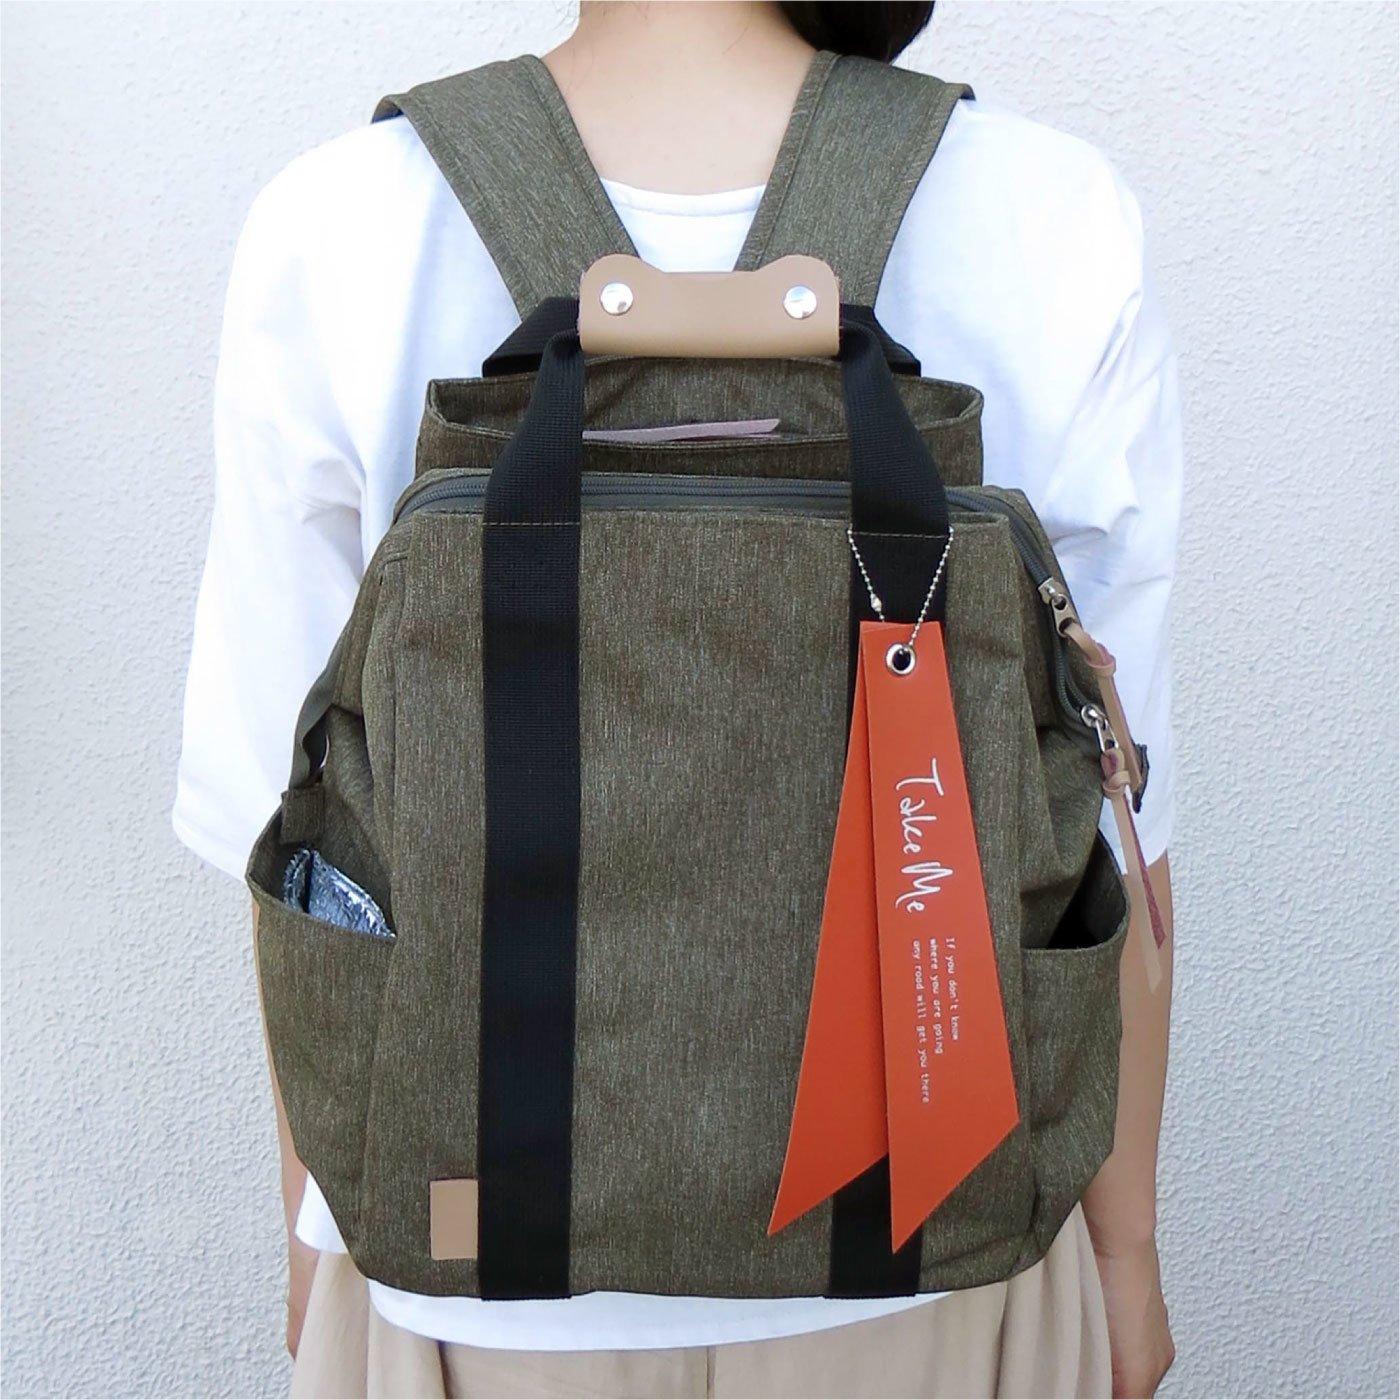 整理しやすい 多機能リュック Take Me Daypack